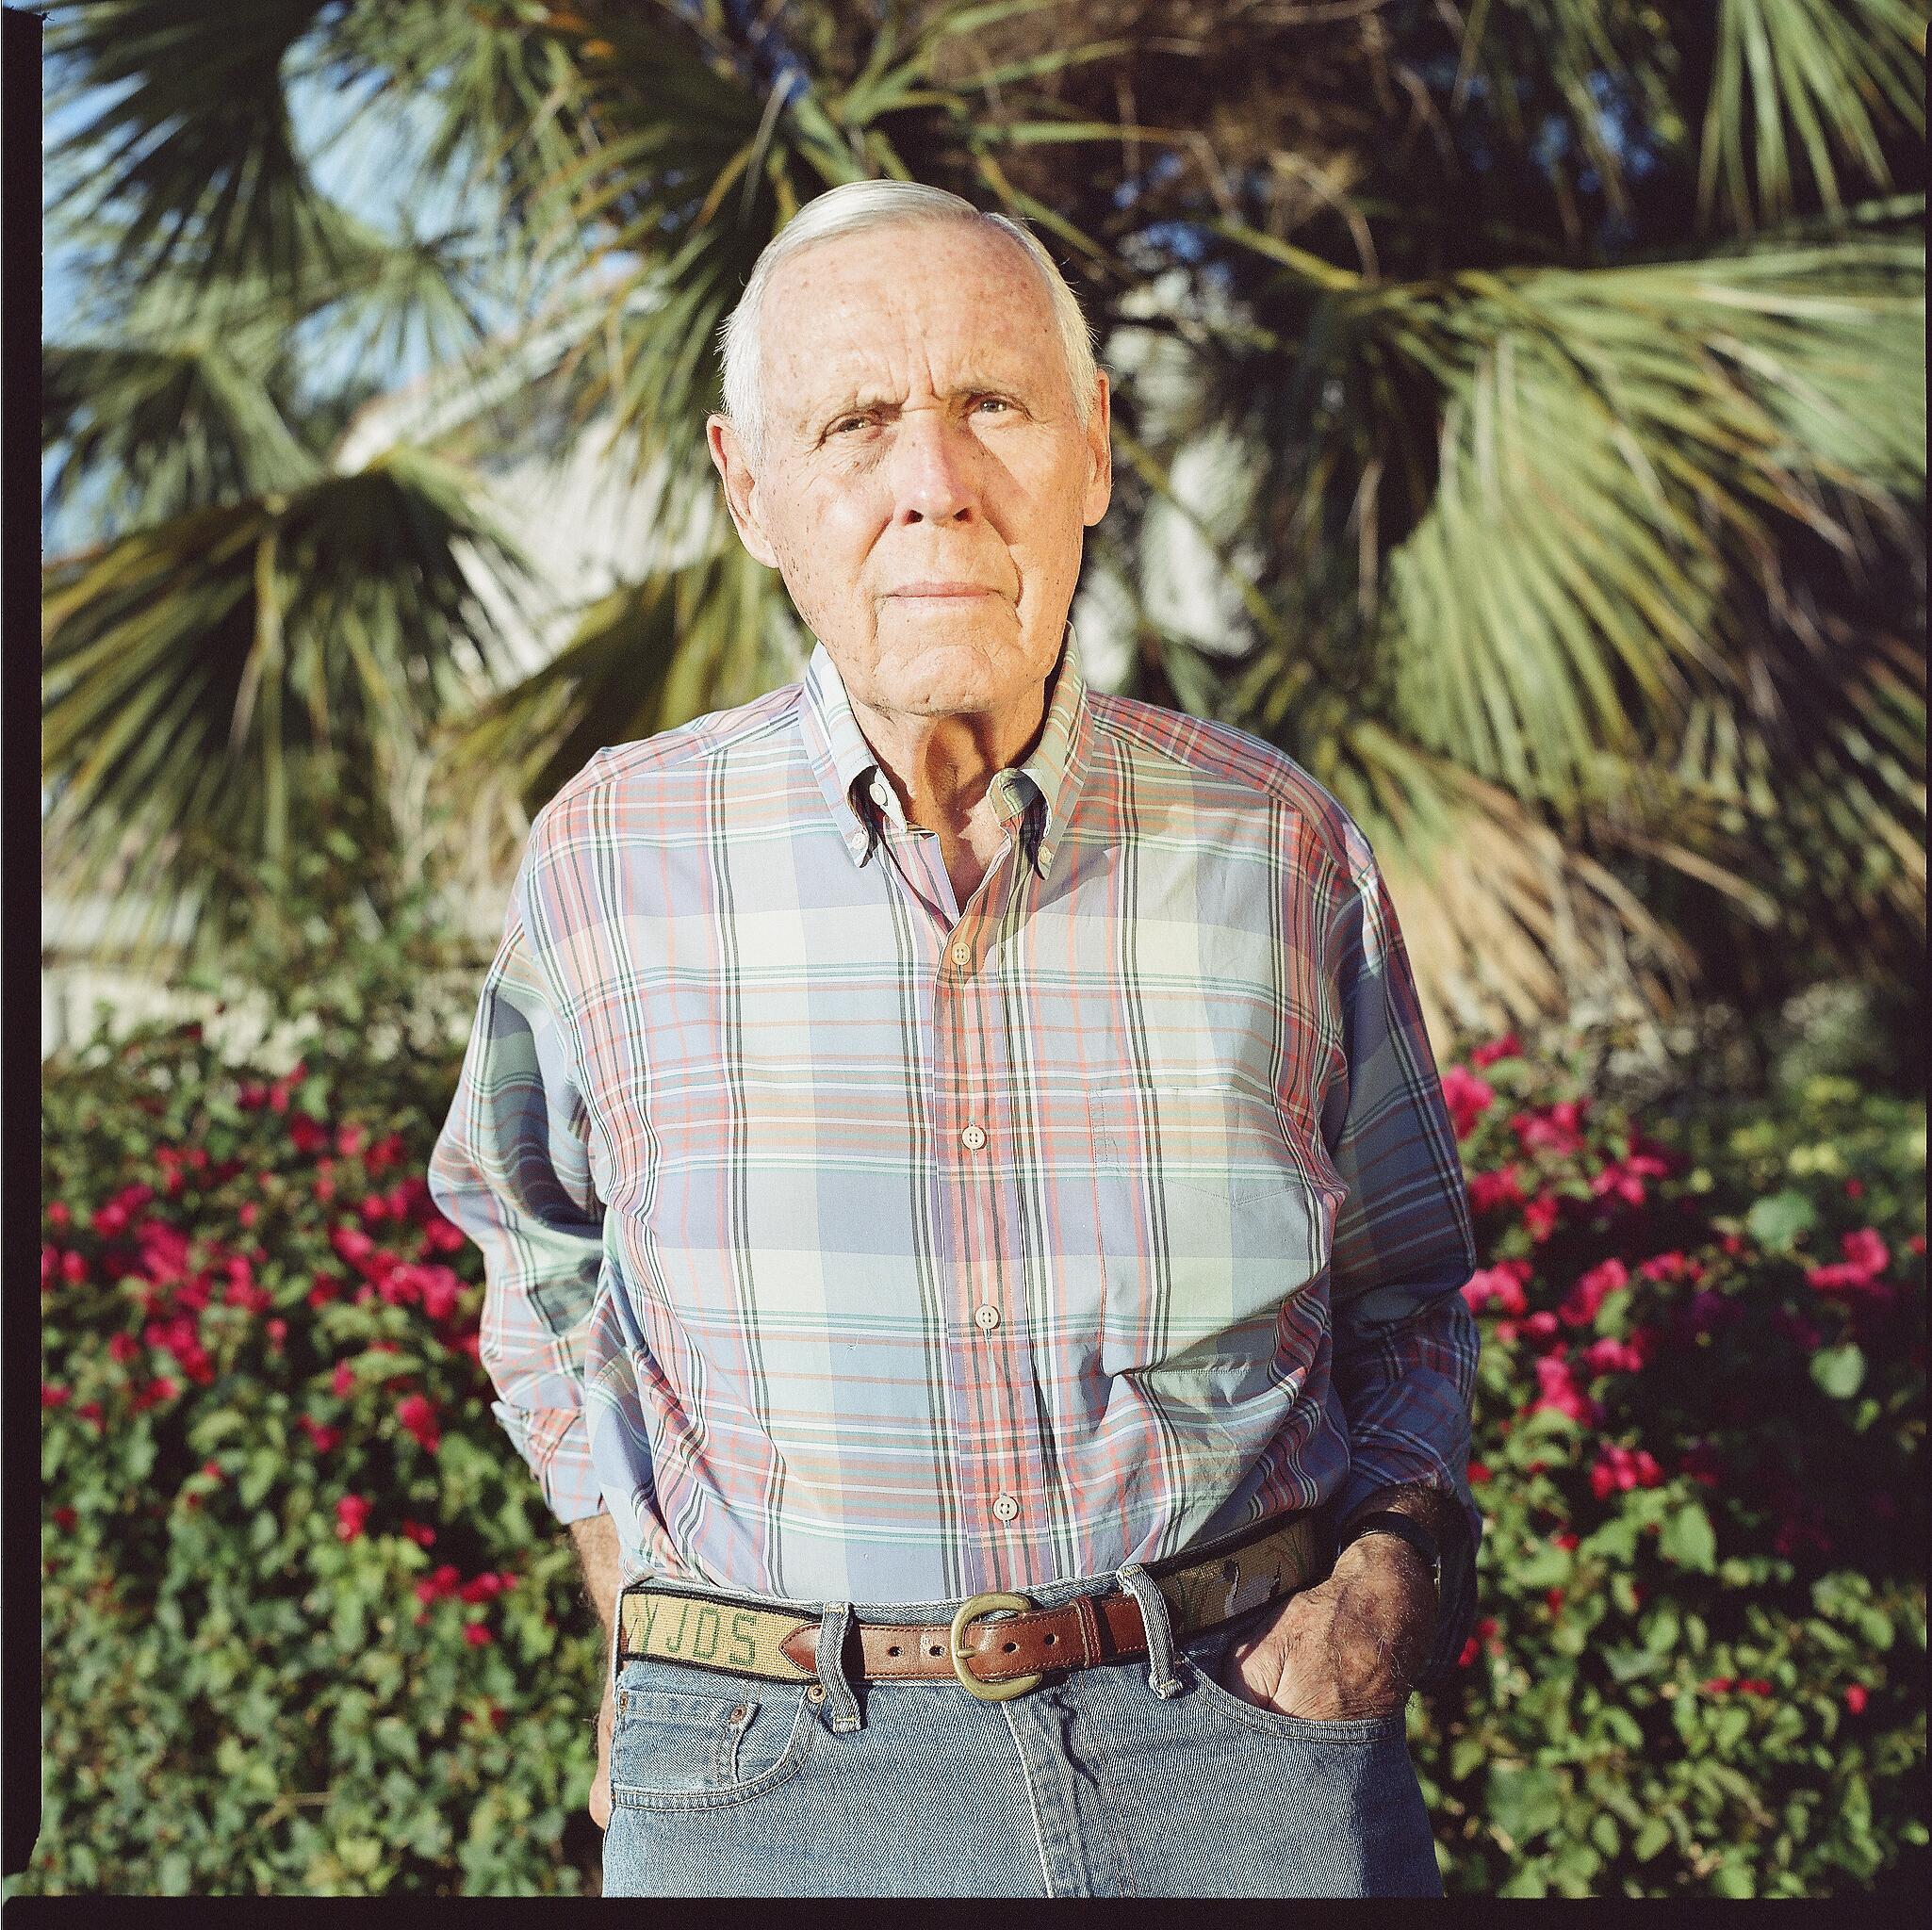 Jim at 84.